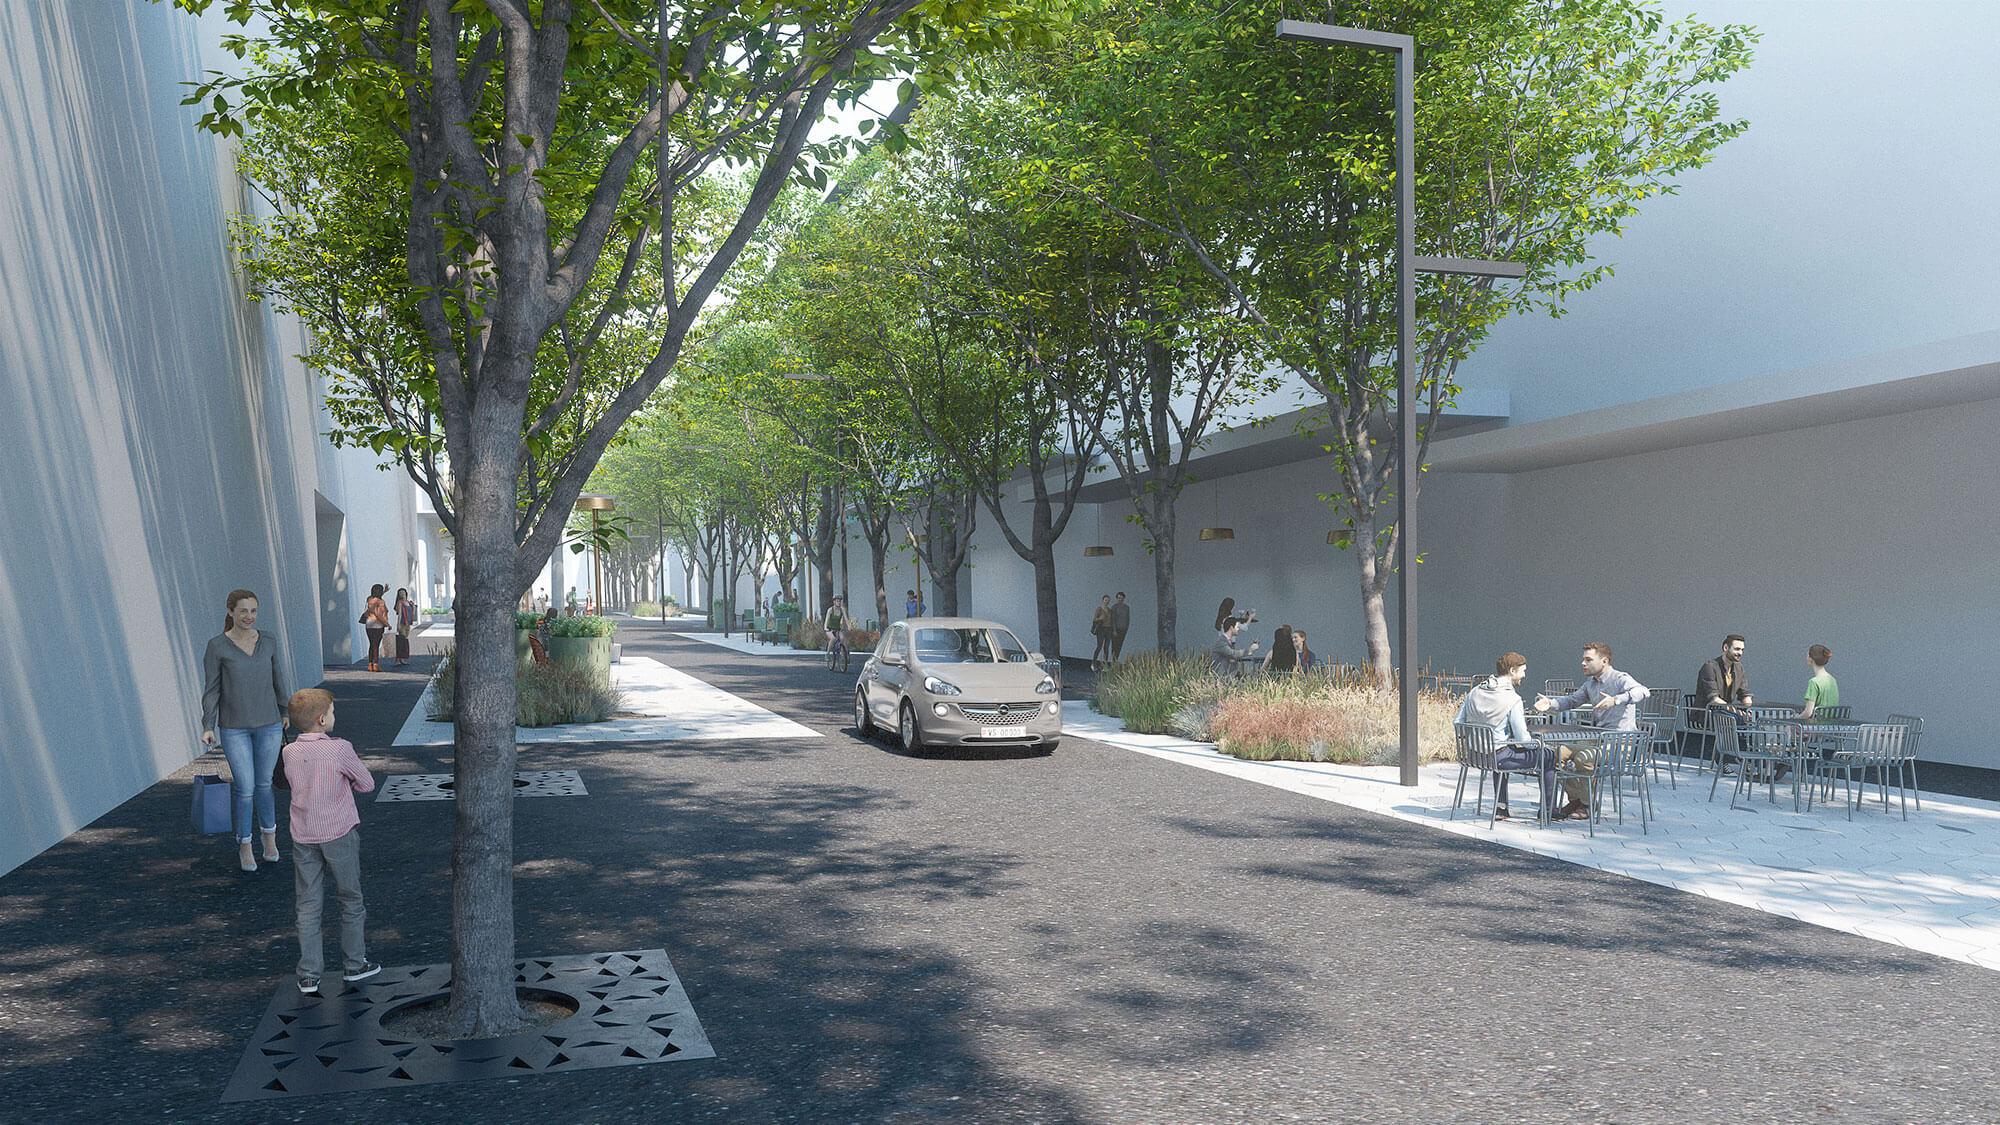 la future avenue du Midi©pixiform